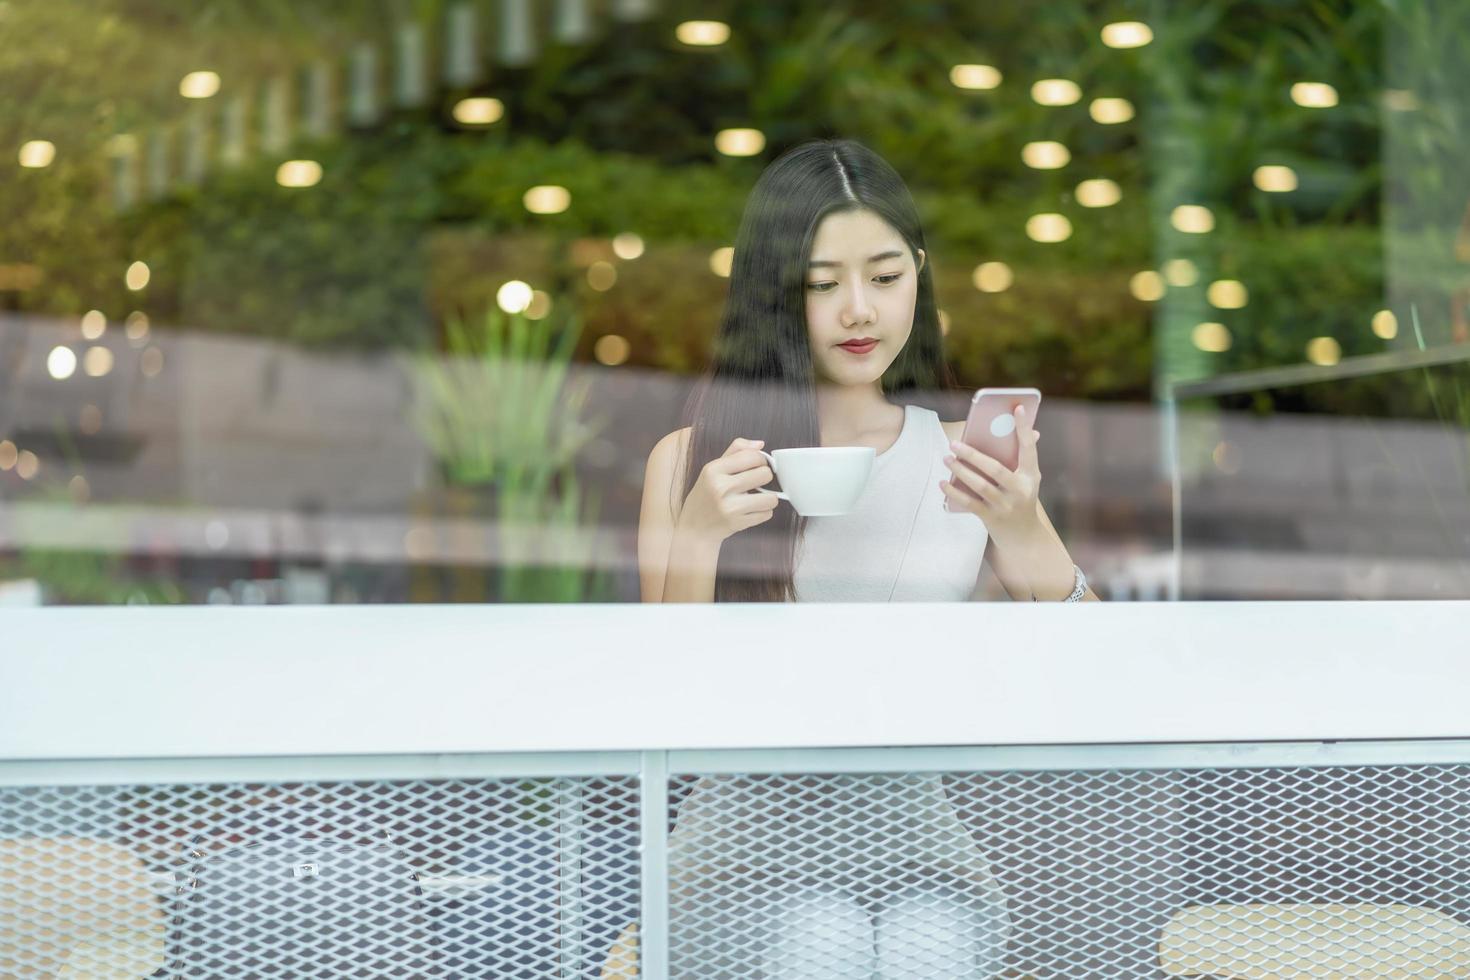 een jonge Aziatische vrouw die werkt in een koffieshop foto